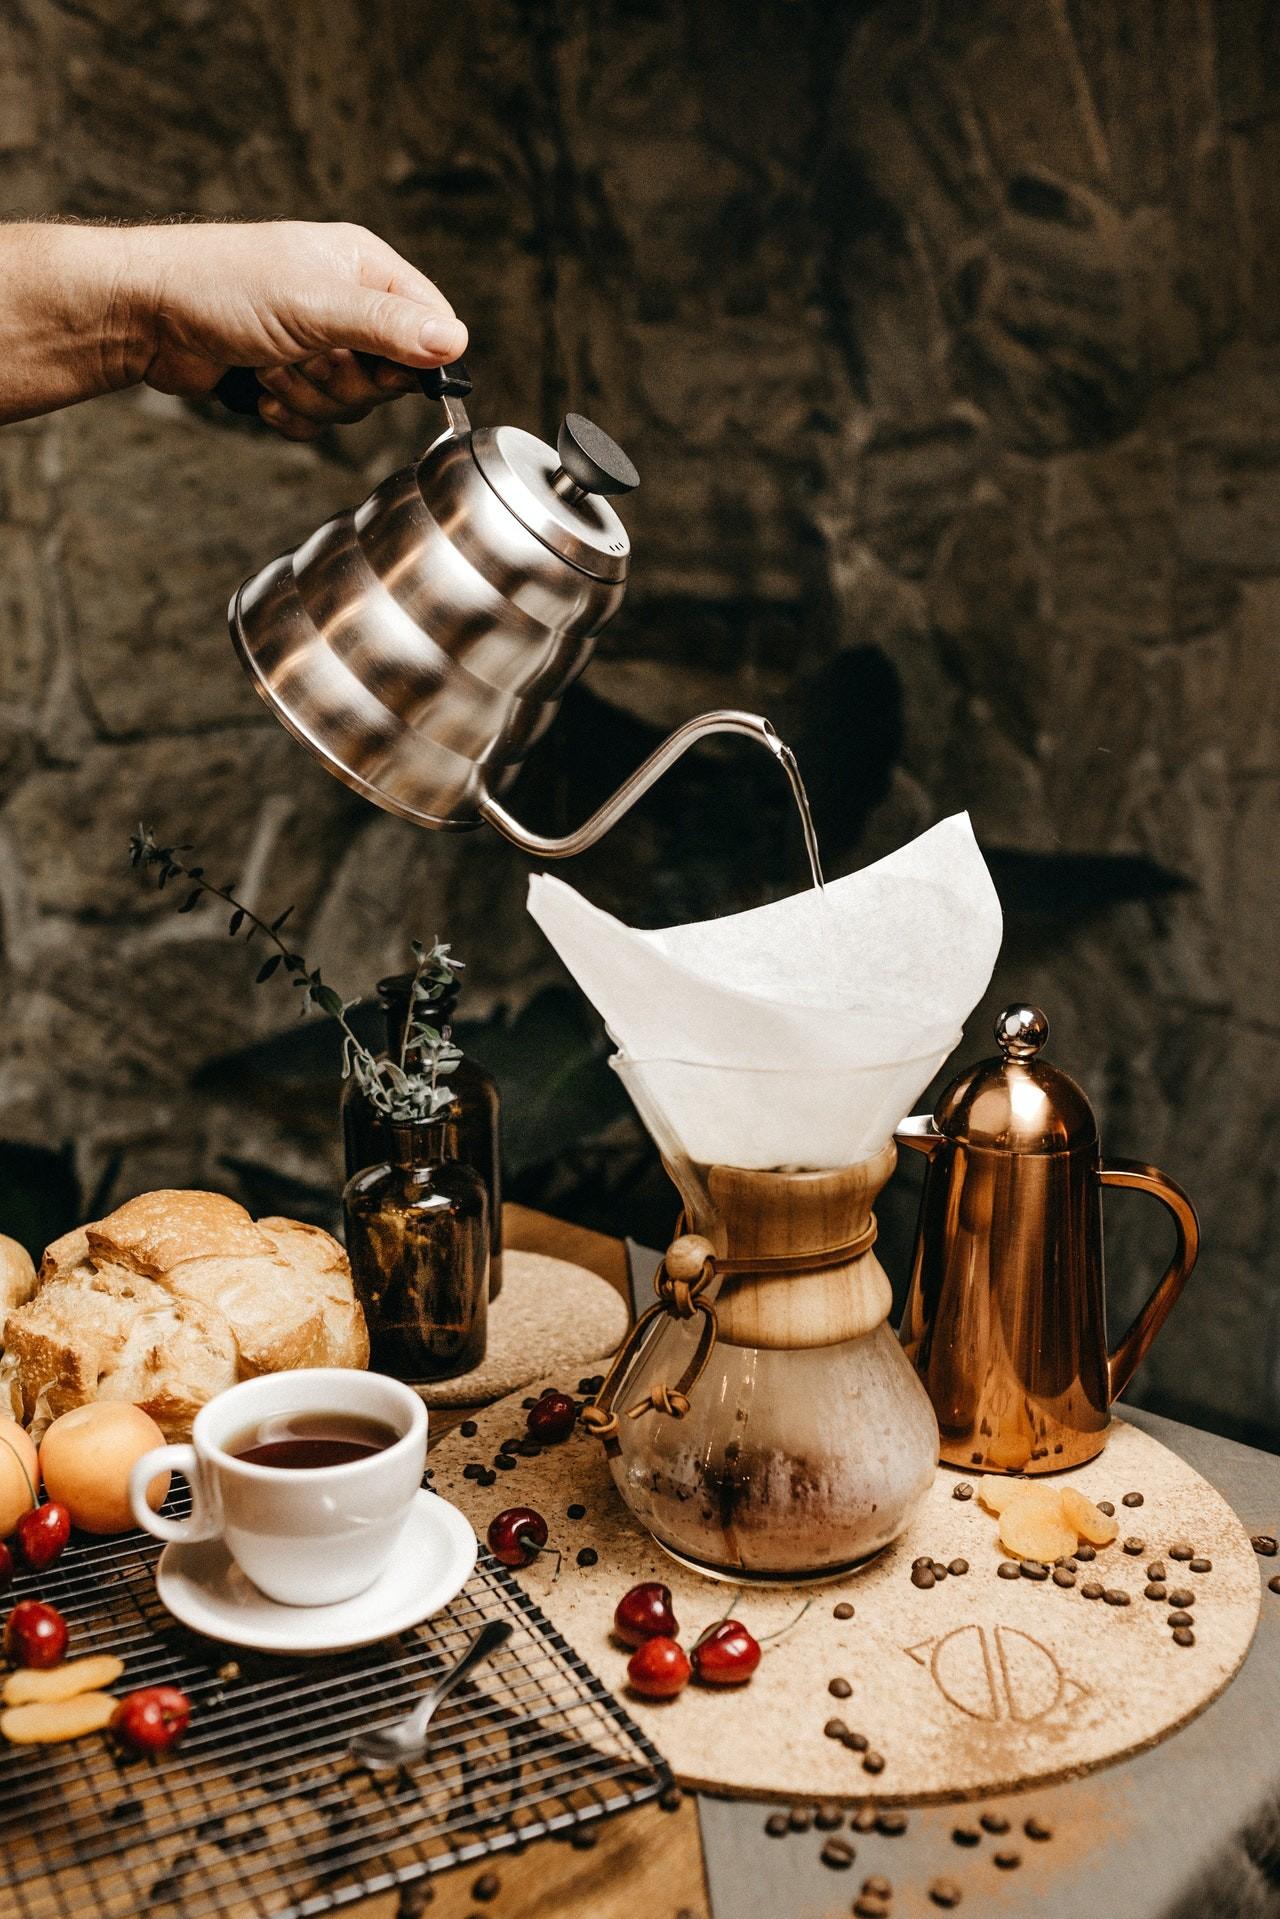 Bei einem Pour Over-Kaffeebereiter wird das heiße Wasser über das Kaffeepulver im Filter gegossen.